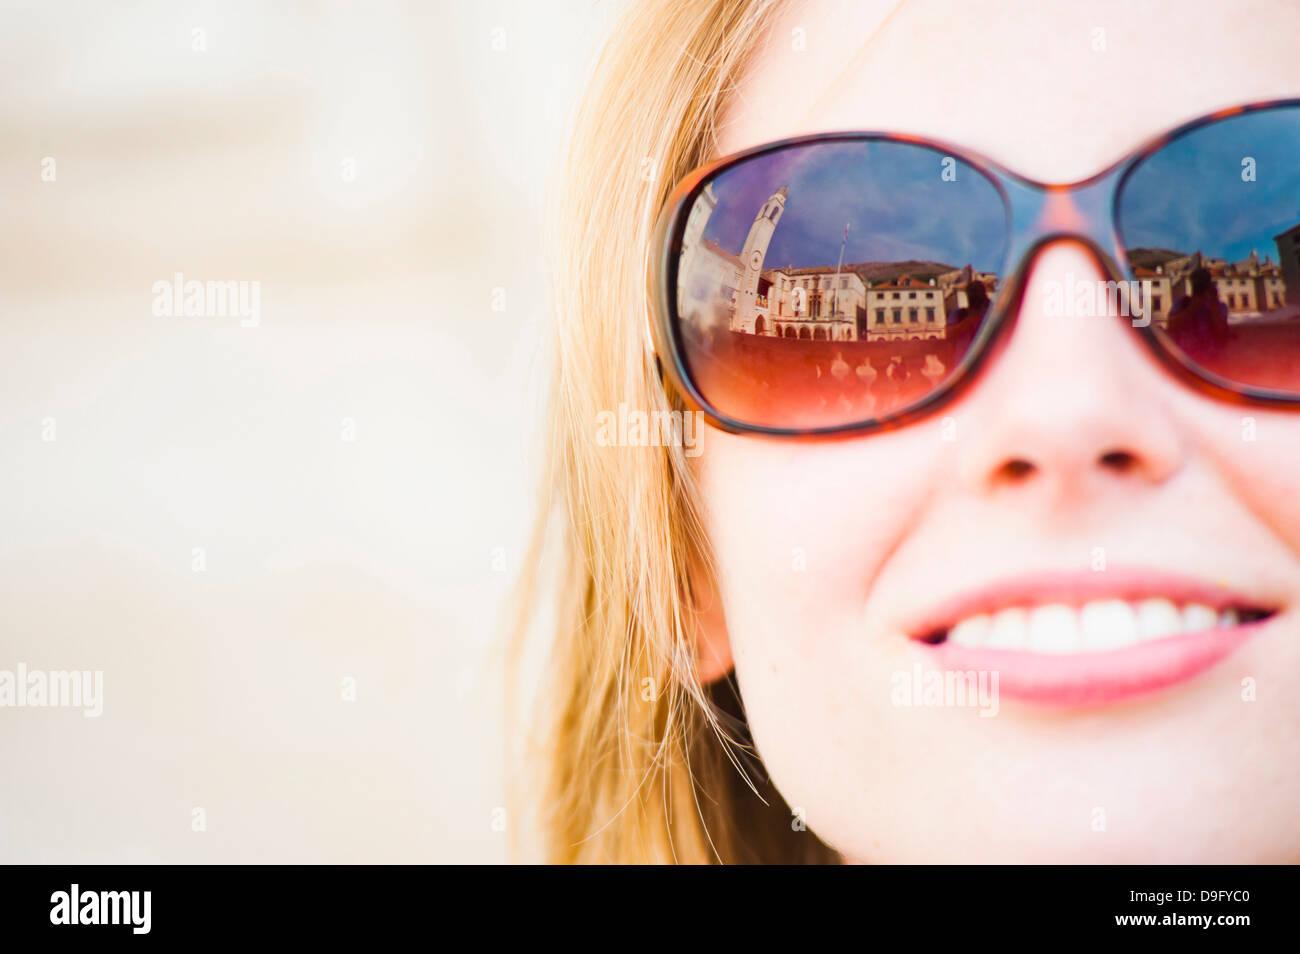 La ville de Dubrovnik Clocher reflétée dans un séjour touristique, lunettes de Dubrovnik, Dalmatie, Photo Stock